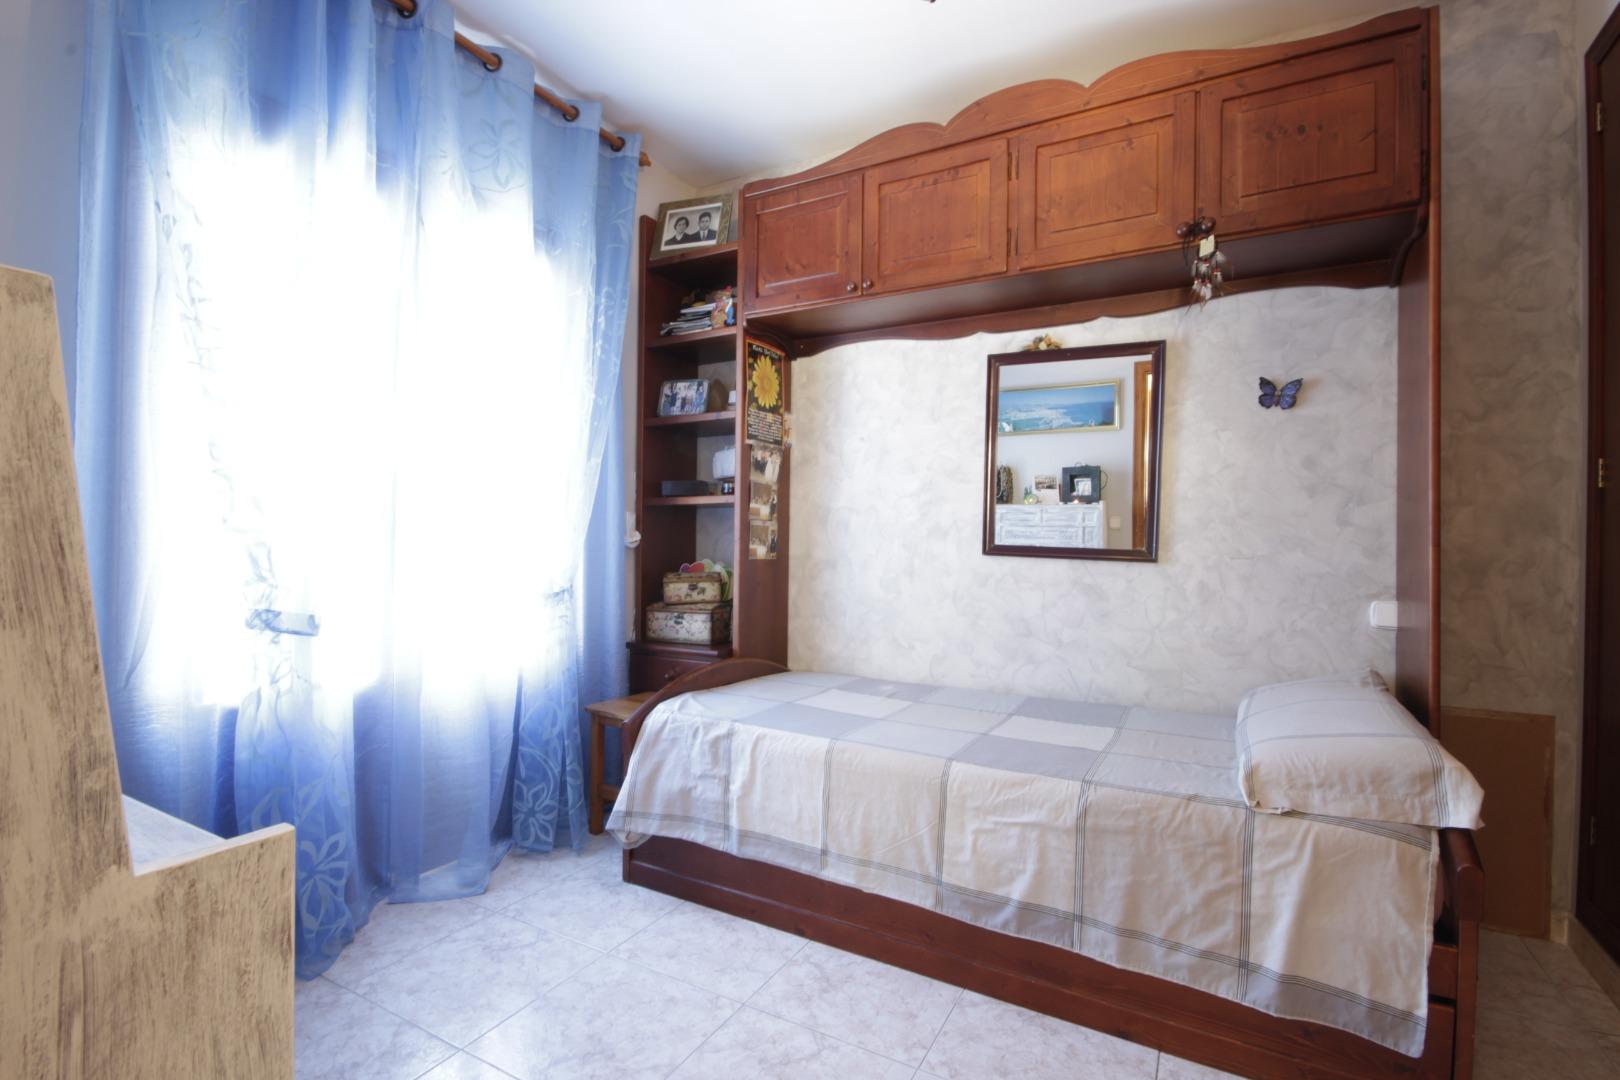 Maison  Muro - santa margalida, zona de - muro. Confortable casa familiar a pocos metros de la playa